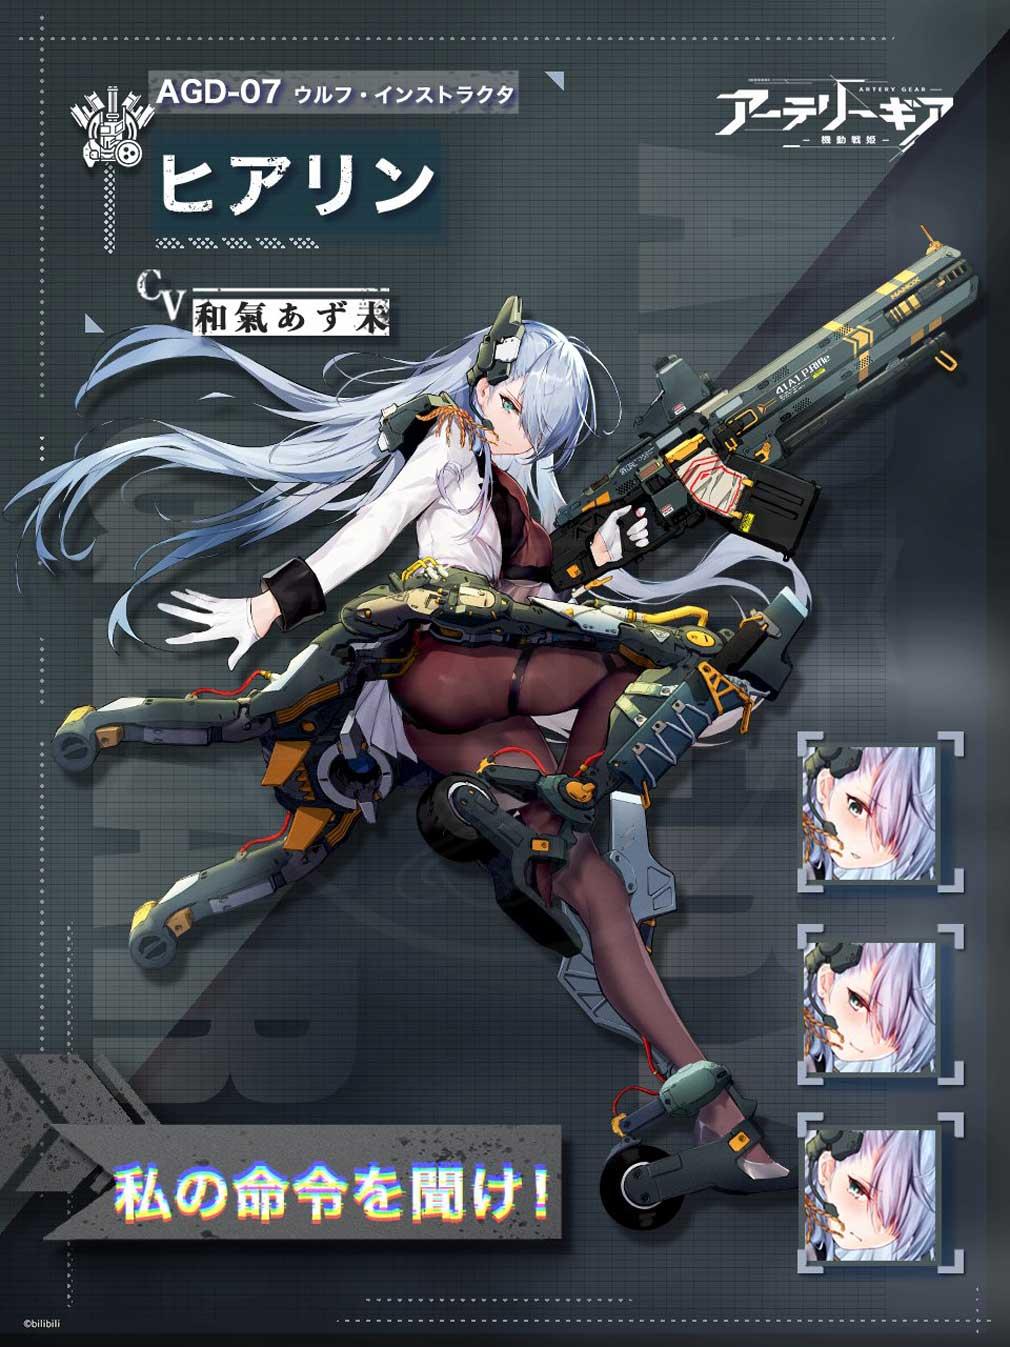 アーテリーギア 機動戦姫(アテギア) キャラクター『ヒアリン』紹介イメージ